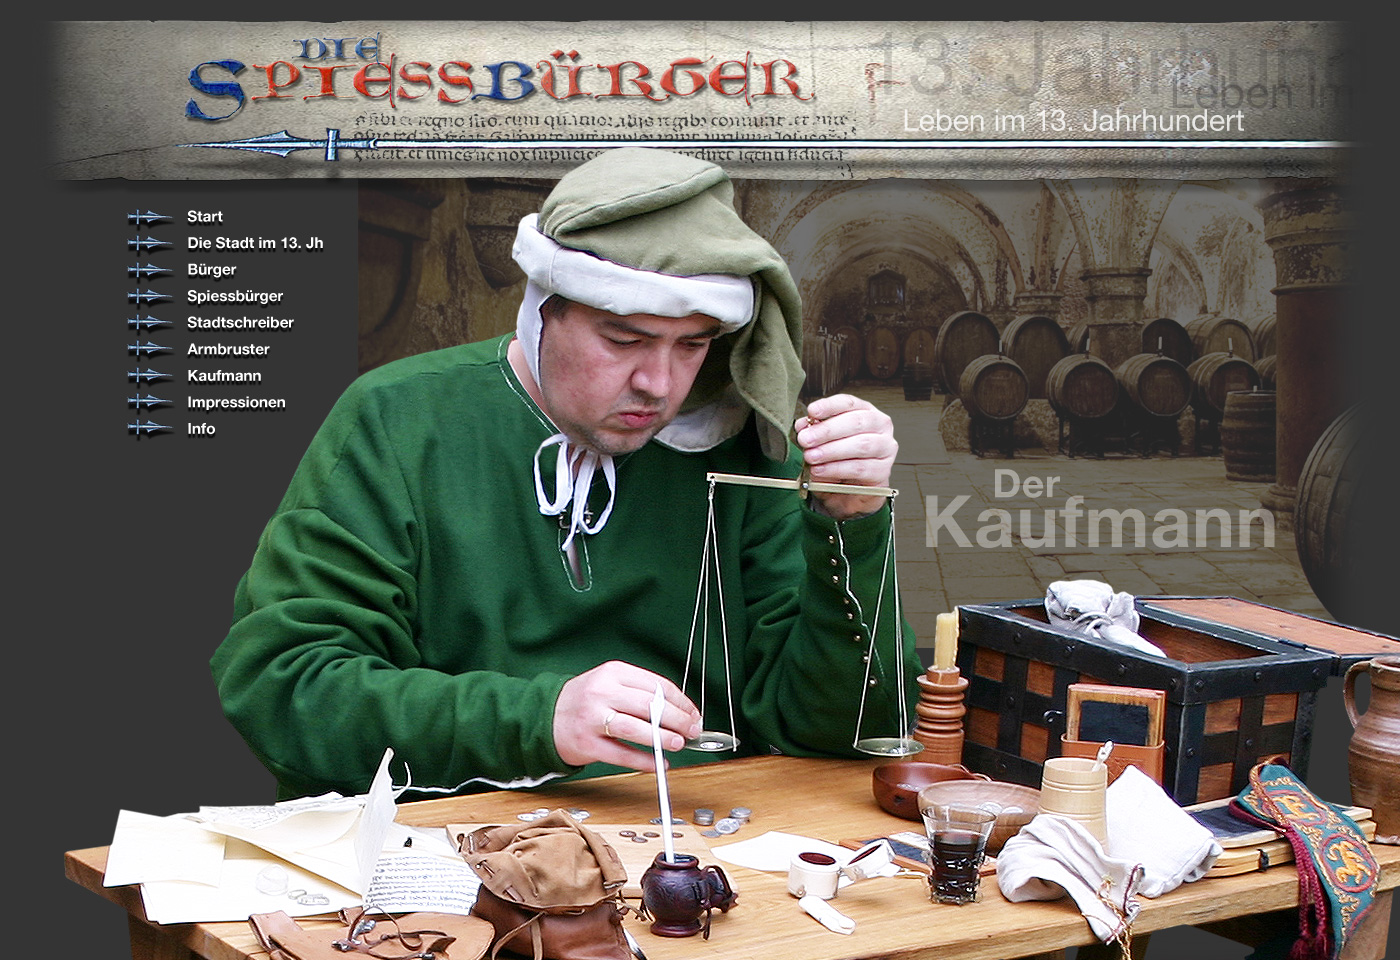 Kaufmann Mittelalter